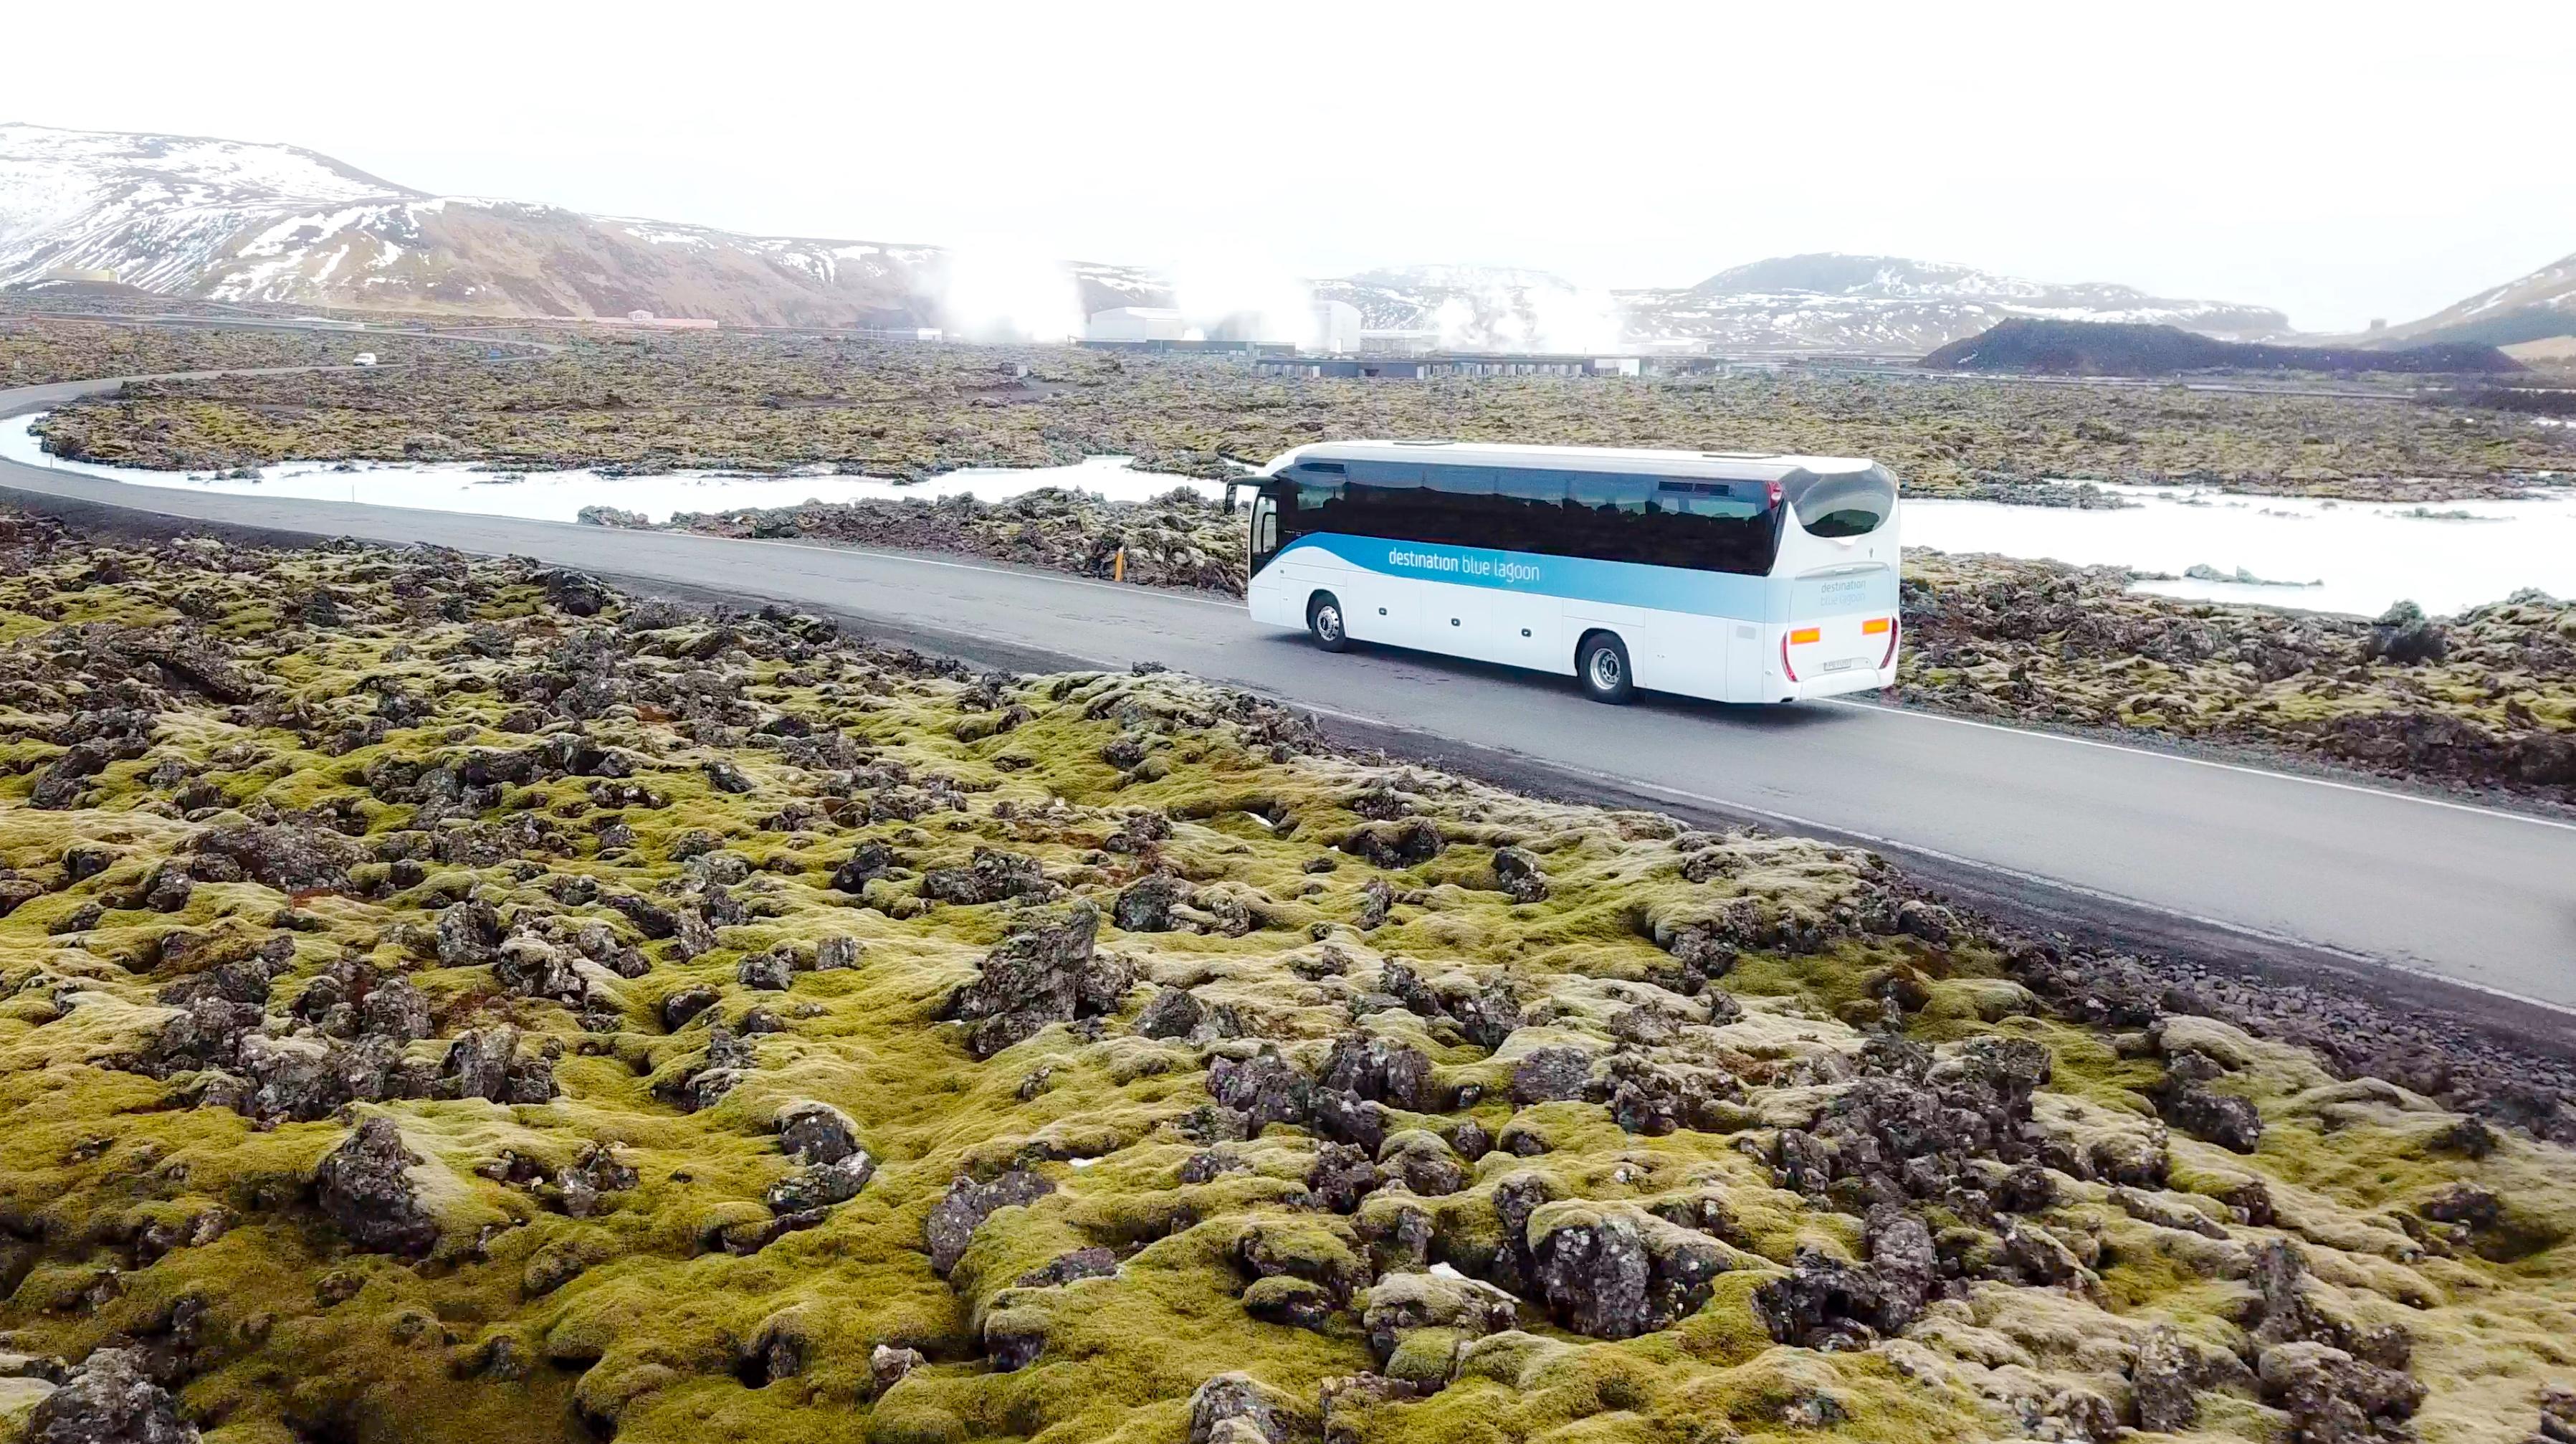 订购这个便宜的单程大巴票从冰岛国际机场前往蓝湖温泉